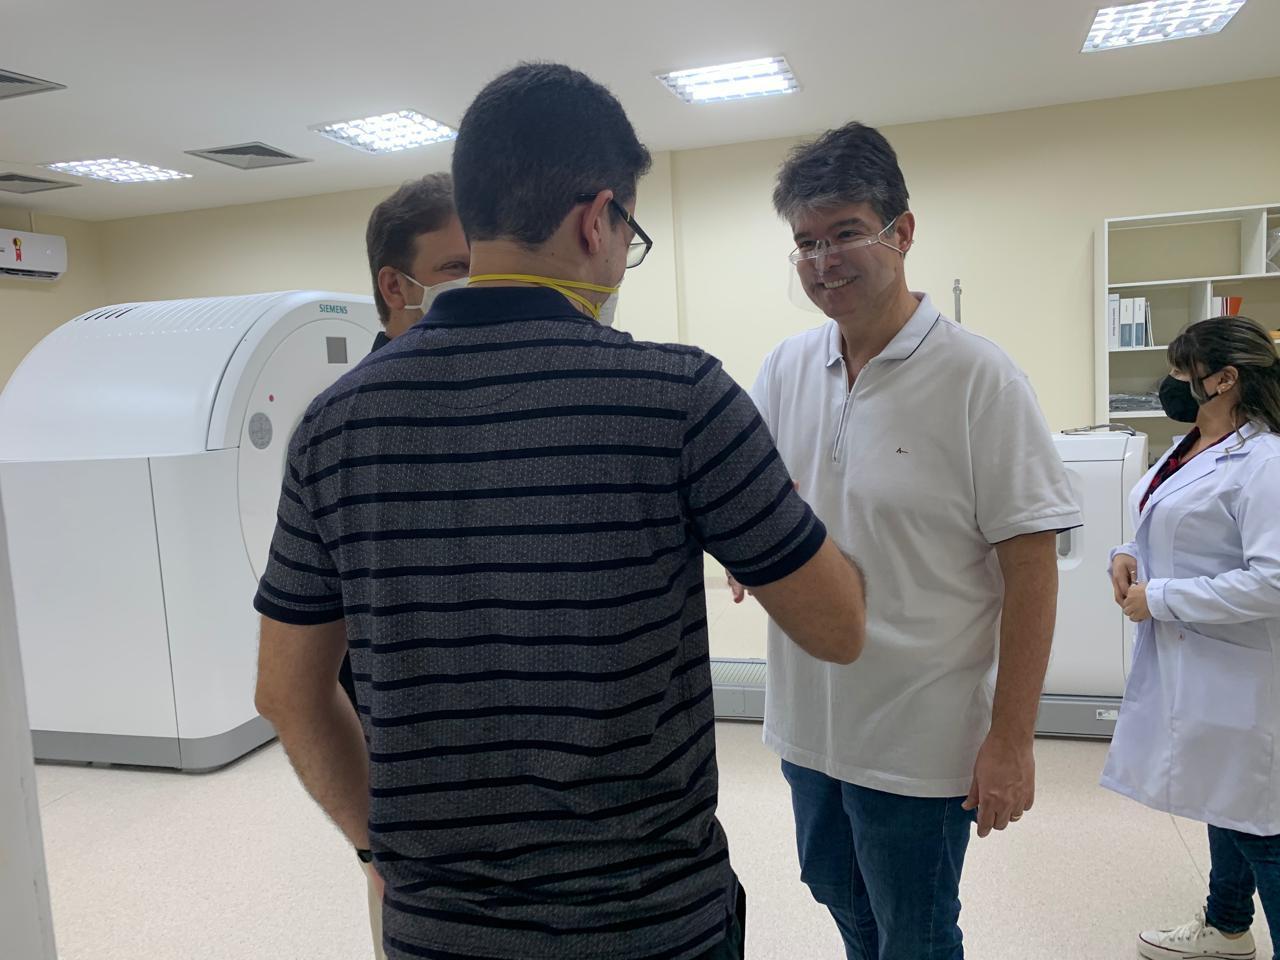 WhatsApp Image 2020 07 29 at 15.12.06 - Ruy faz visita técnica a nova ala de quimioterapia que ajudou a construir no Napoleão Laureano